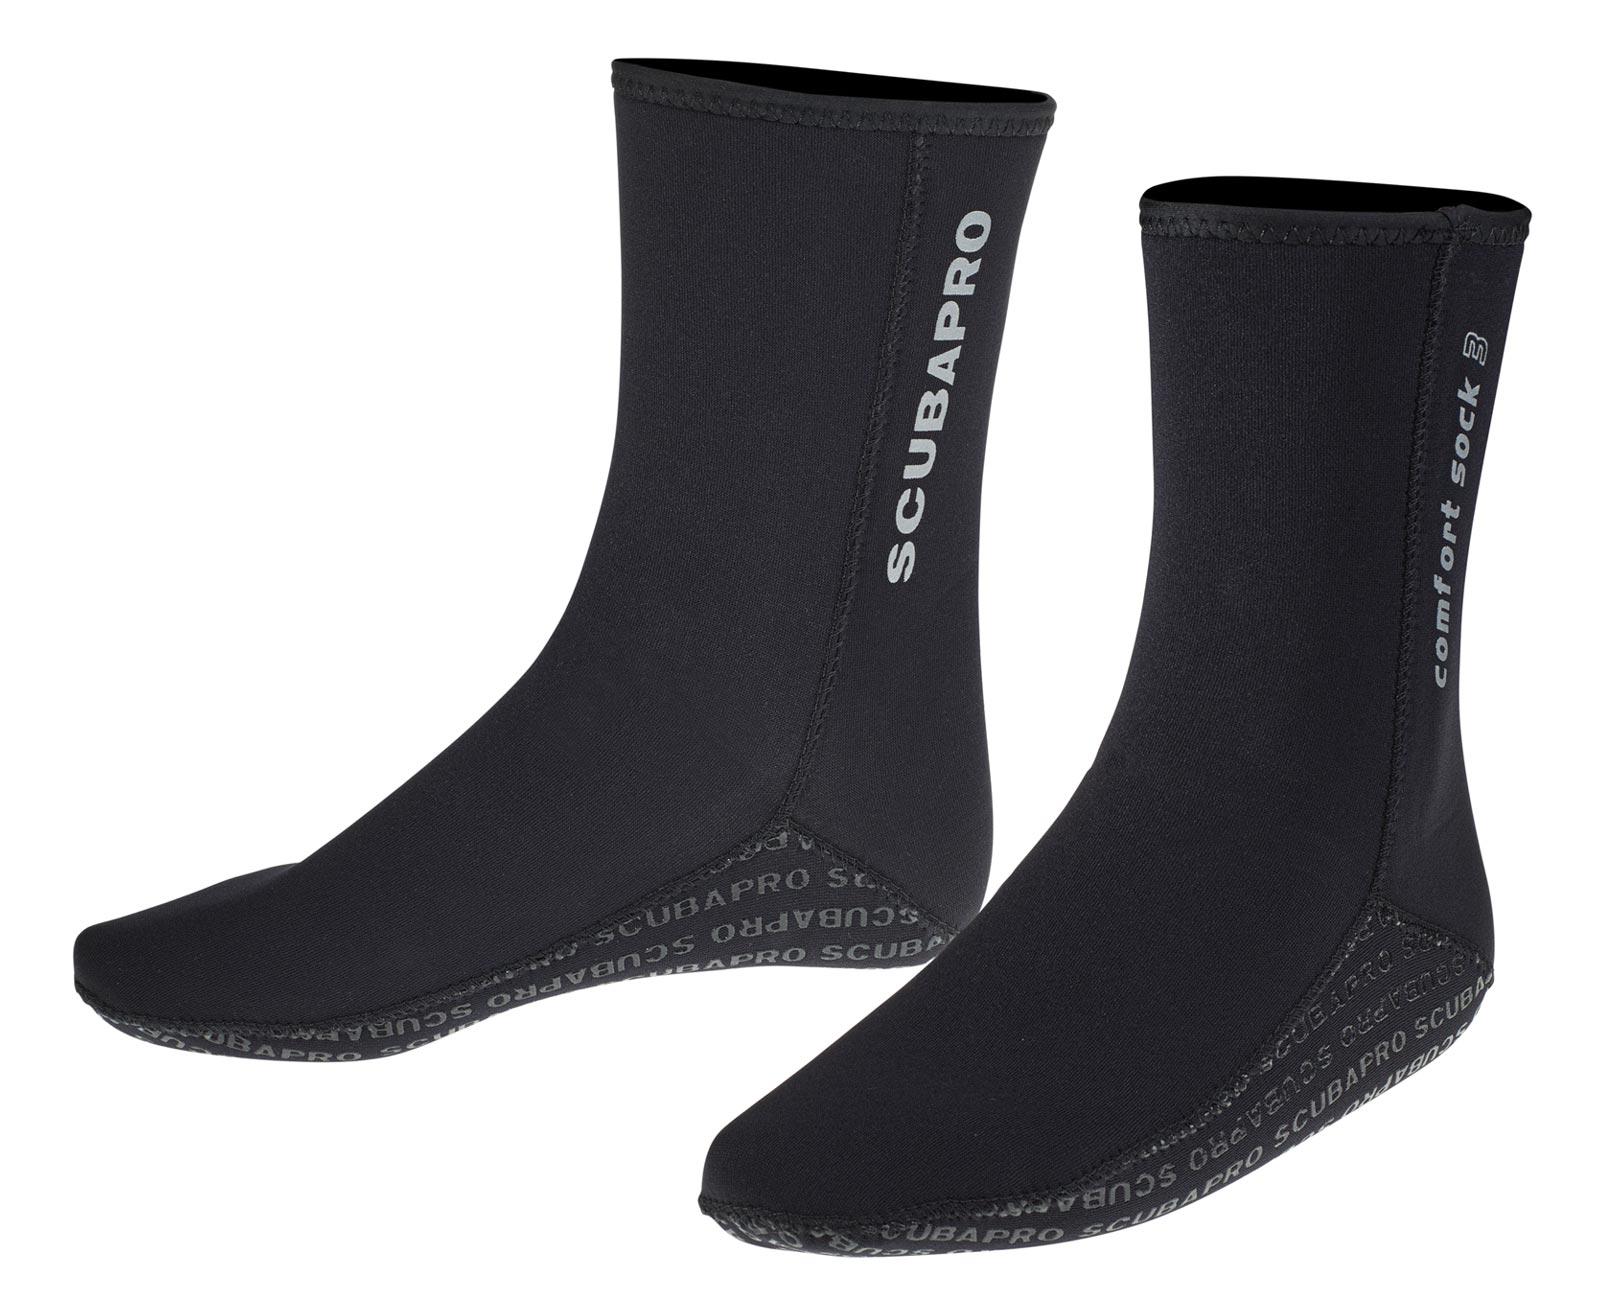 Неопренови чорапи COMFORT SOXX 3 мм - Scubapro